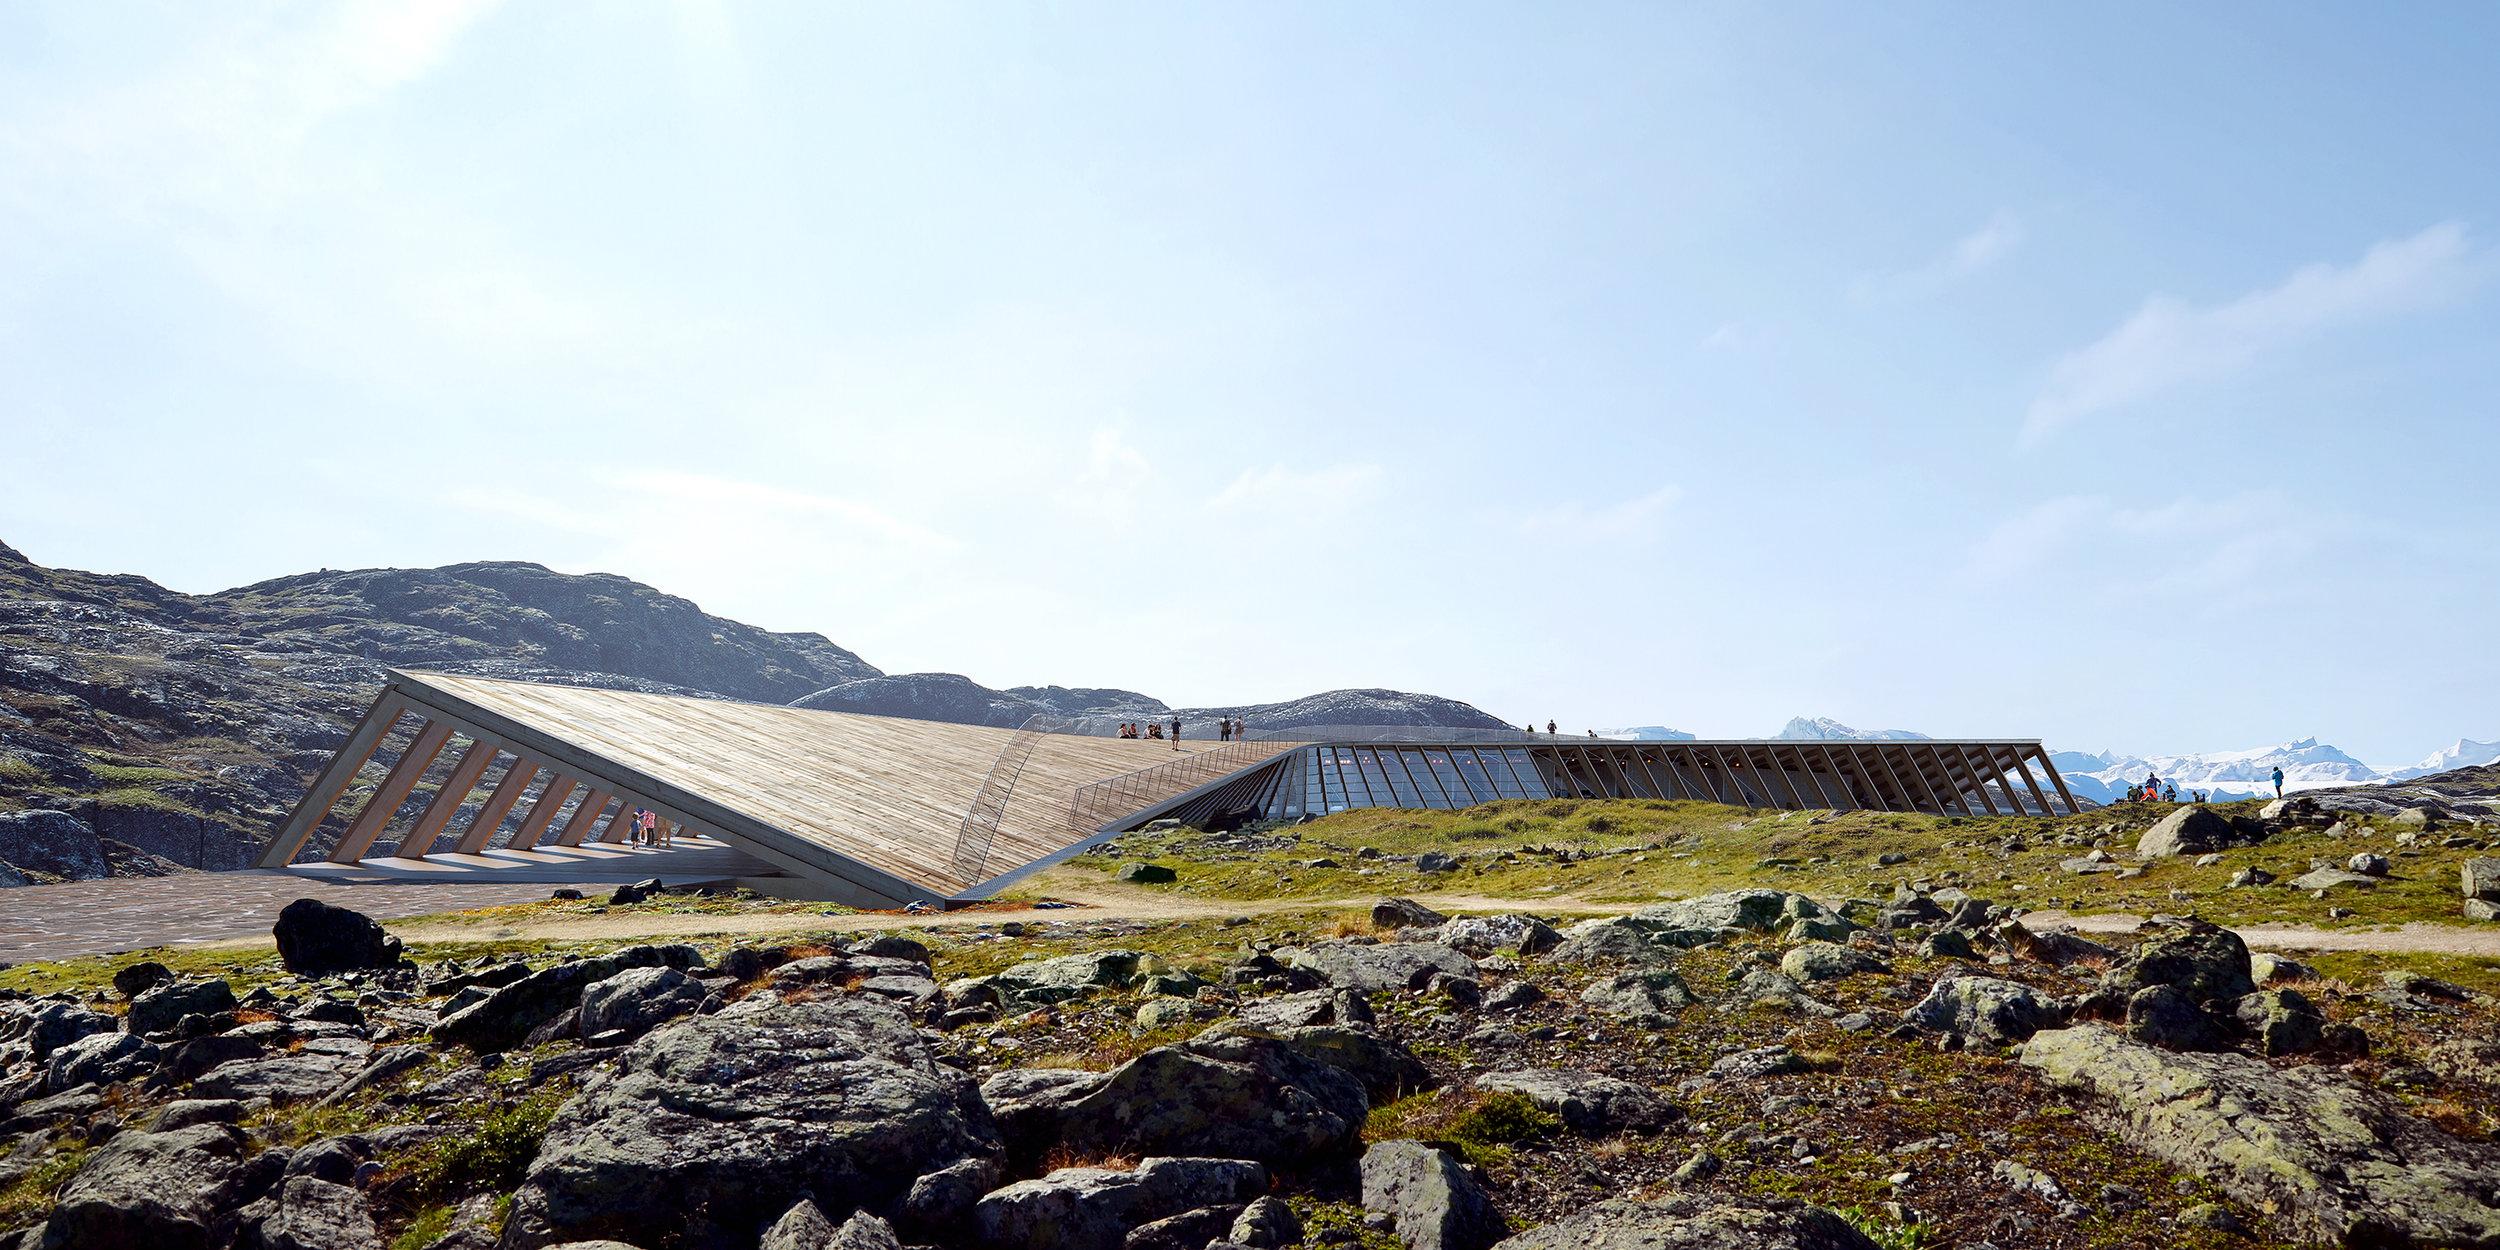 Rendering fra Dorte Mandrup arkitekter af Isfjordscentret, hvor man ser, hvordan taget udformes som en sti, der formidler overgangen til selve Ilulissat isfjord.